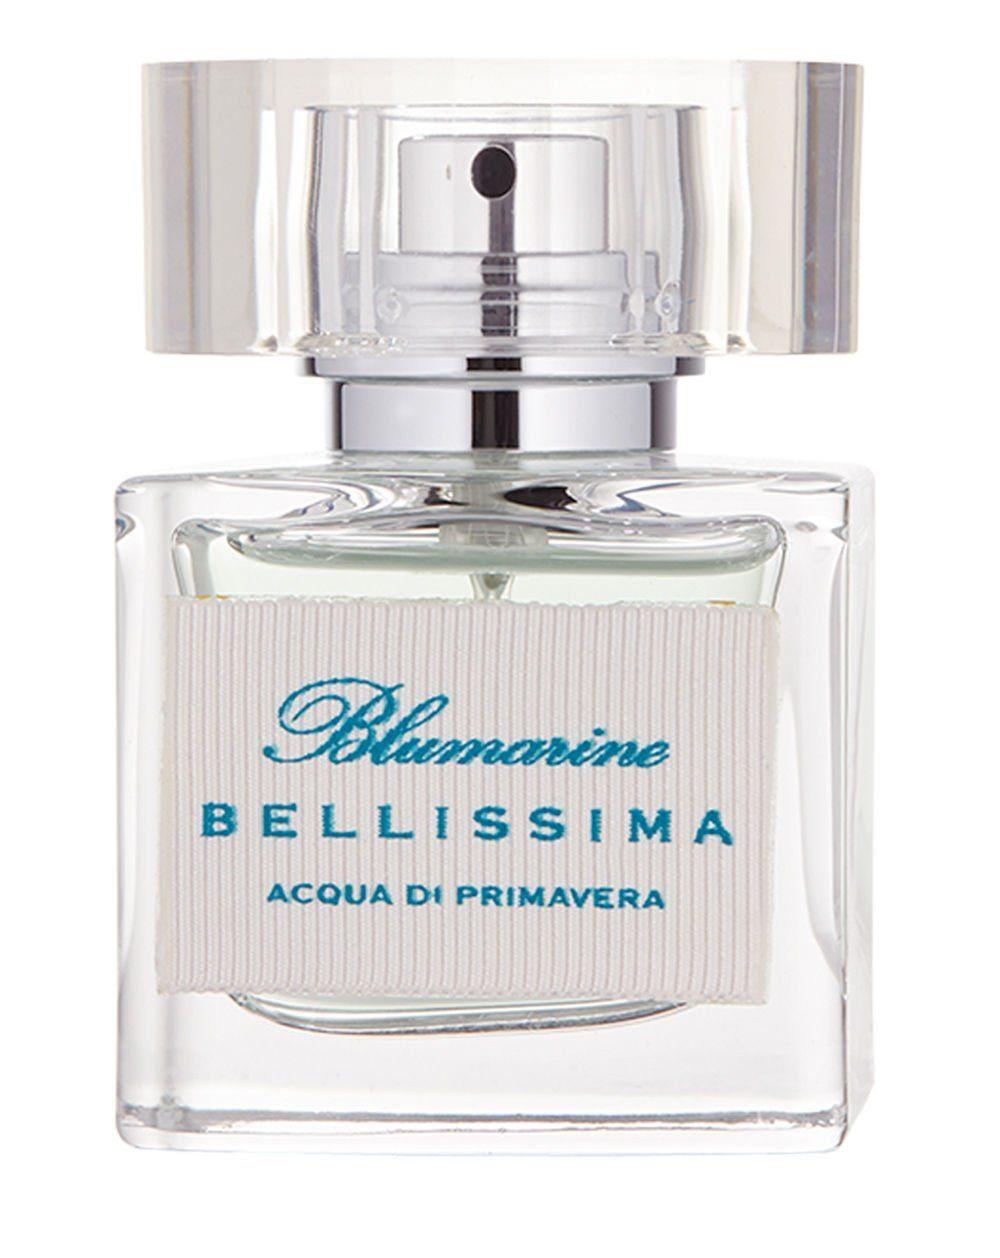 Blumarine Eau de Toilette »Bellissima Acqua Di Primaveraÿ«